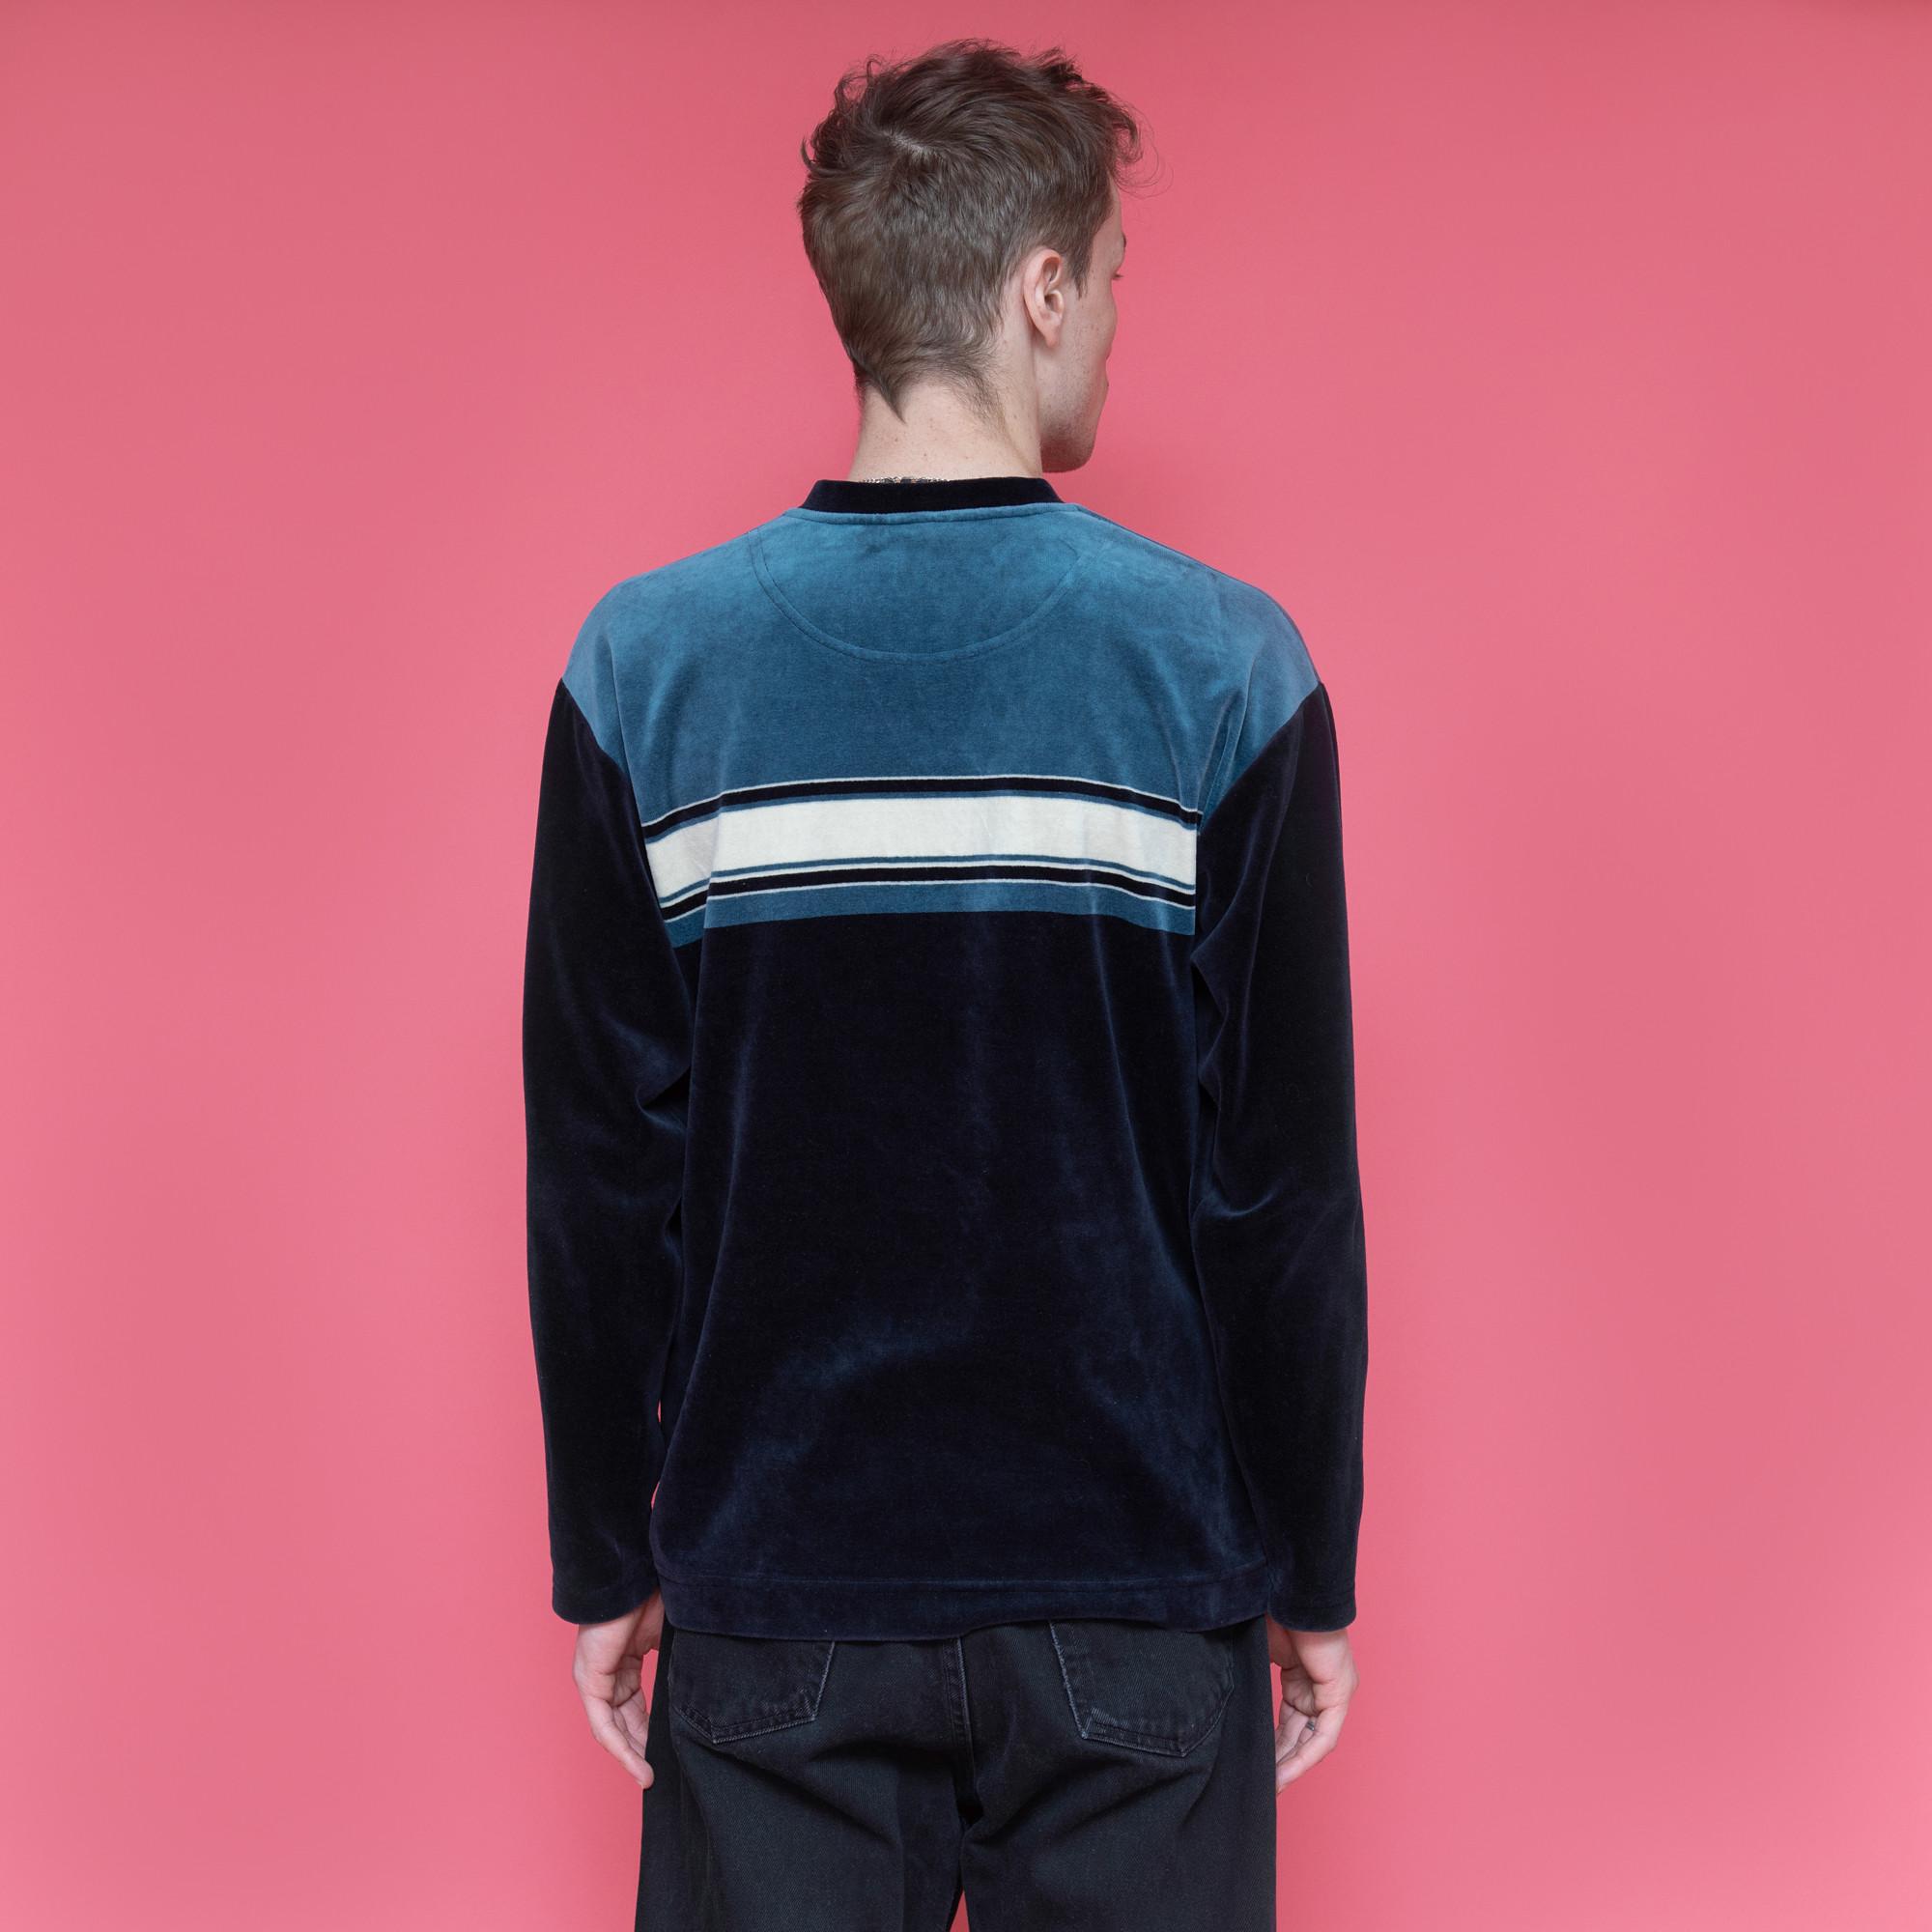 Bluza z weluru w odcieniach granatu, turkusu i bieli - KEX Vintage Store   JestemSlow.pl